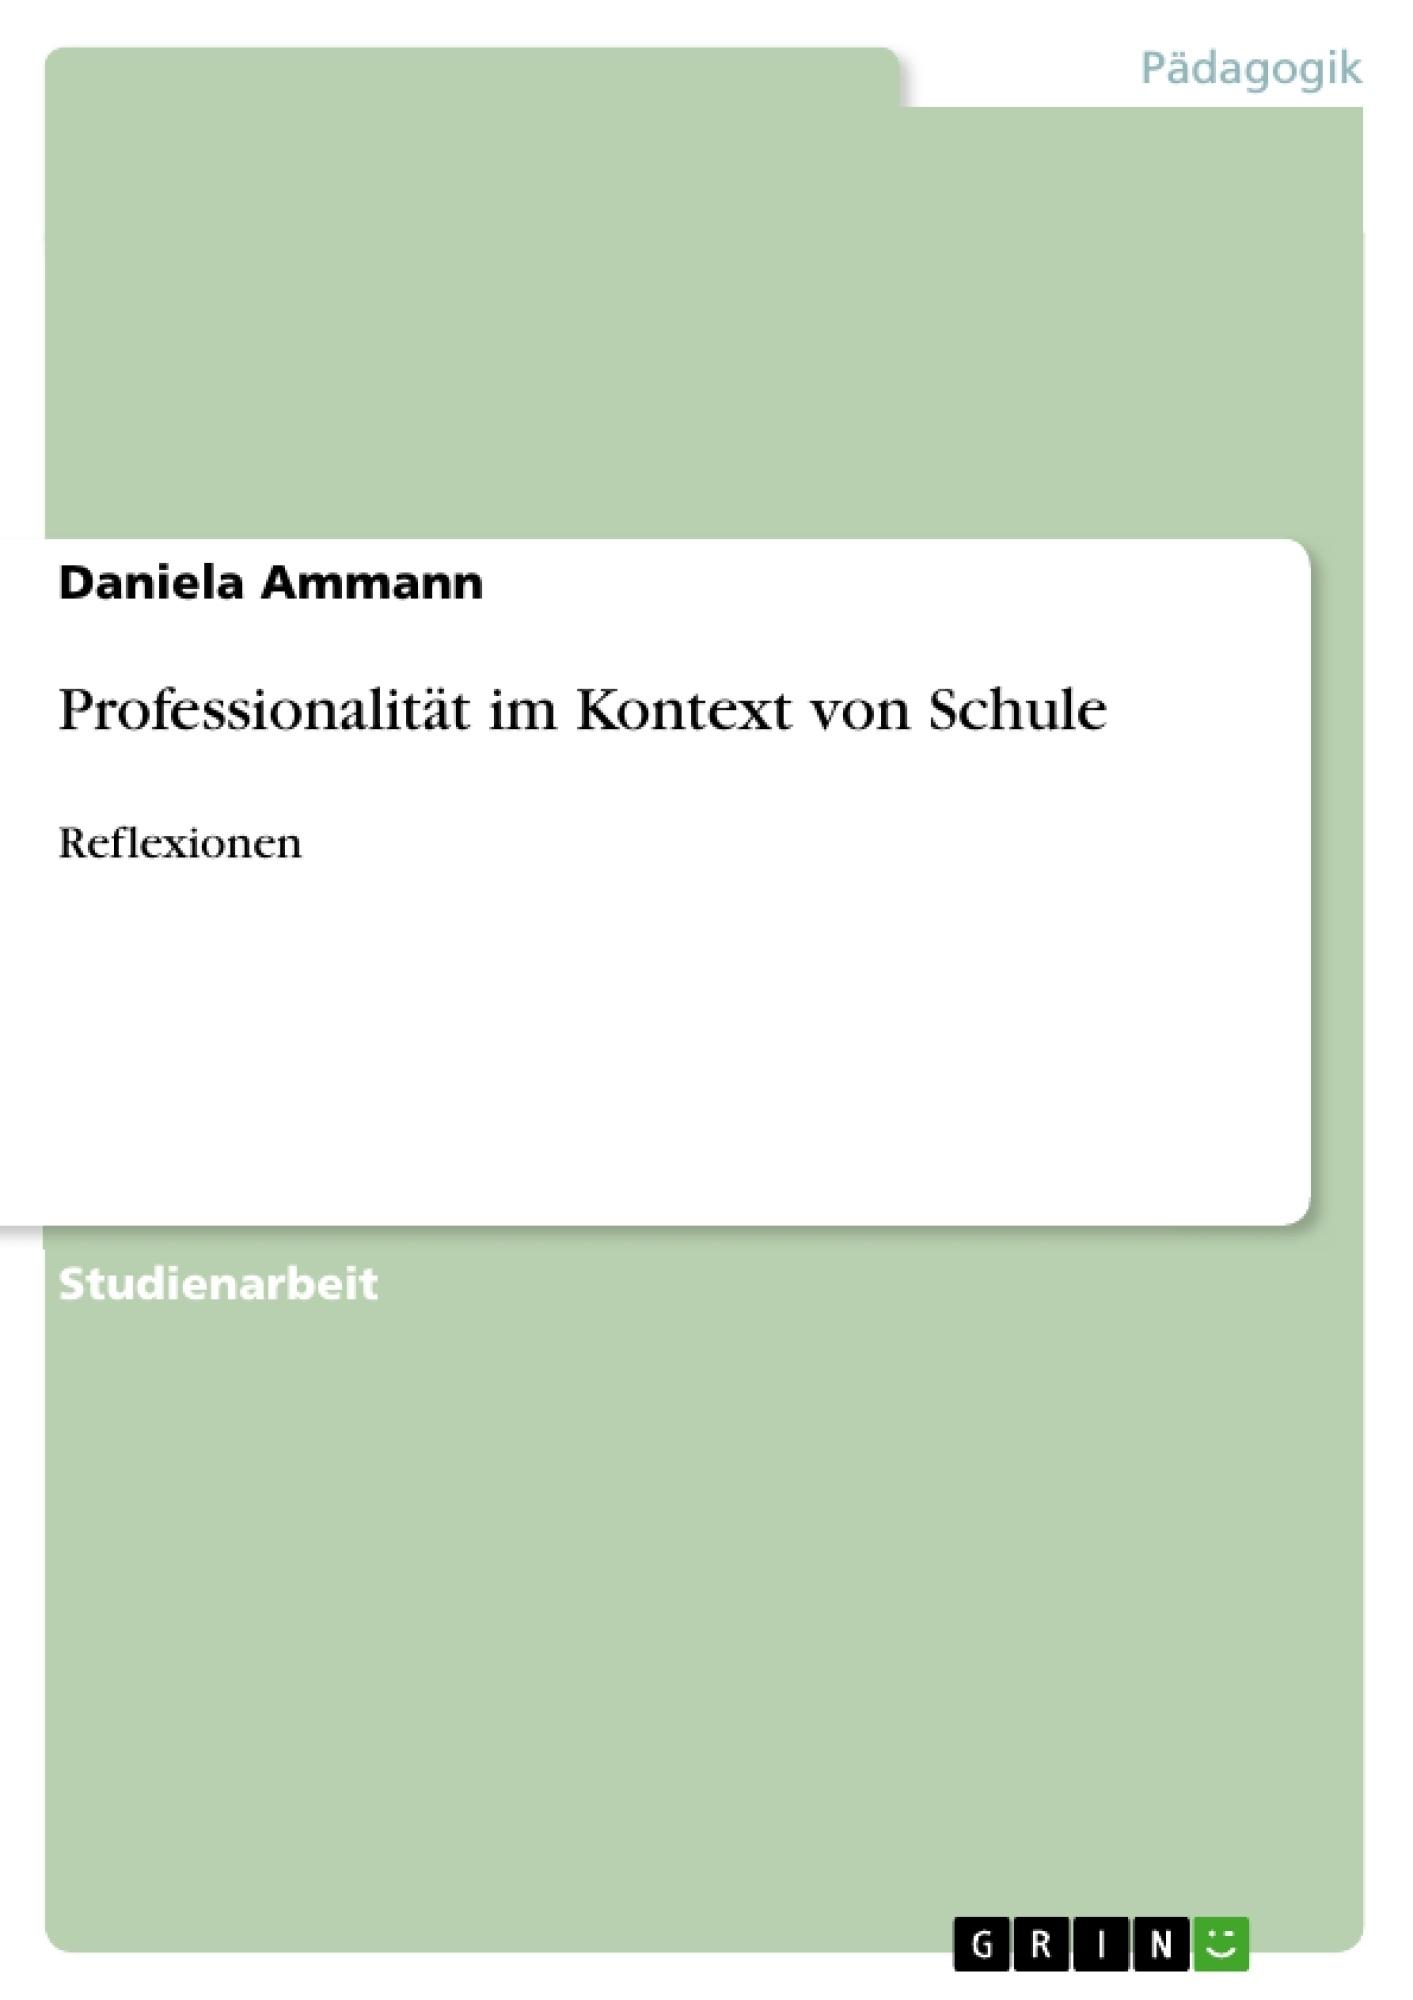 Titel: Professionalität im Kontext von Schule